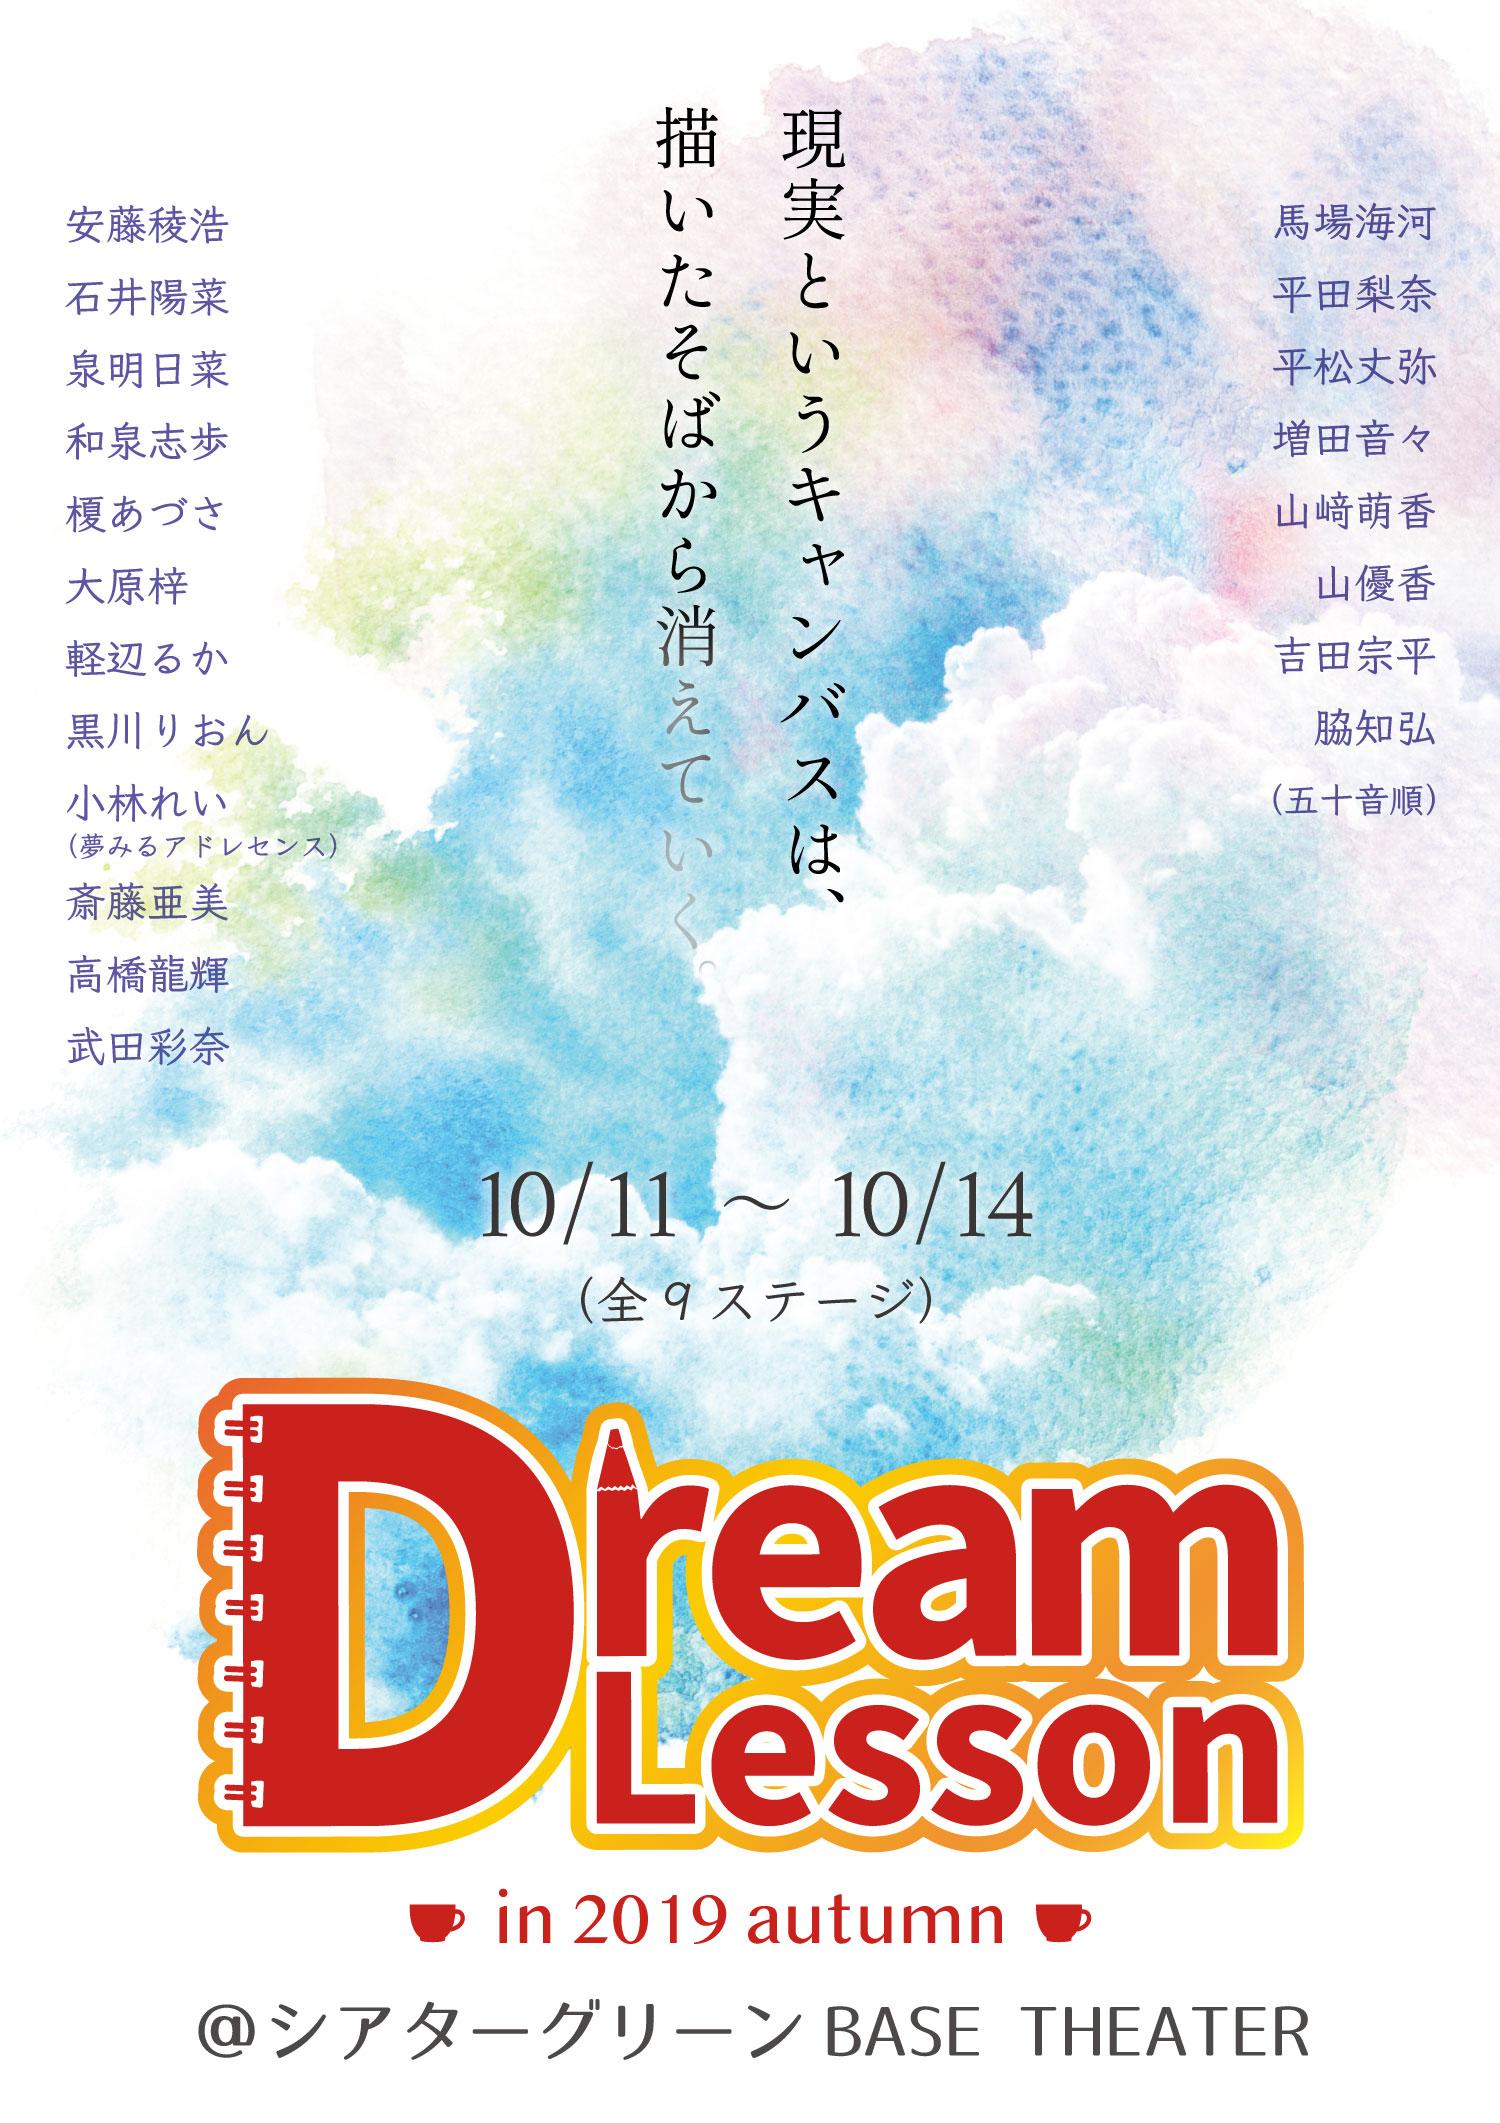 【10月13日 12時】公演 Dream Lesson in2019 autumn